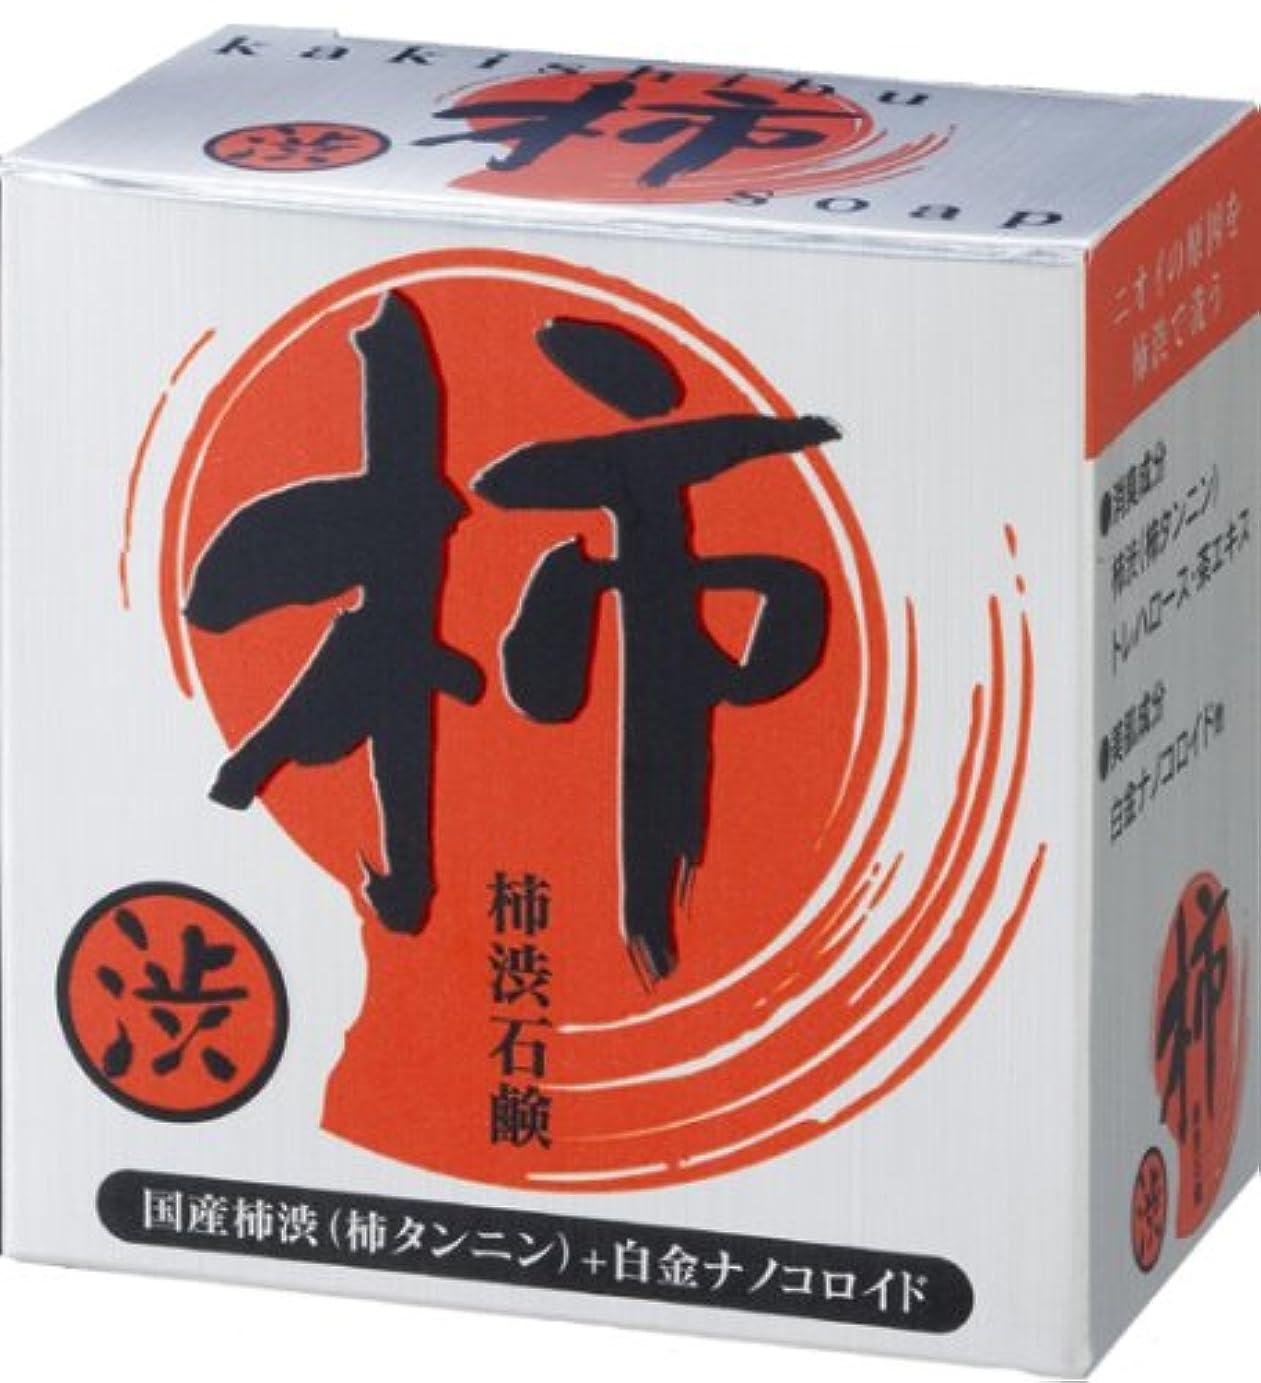 体現するメンタリティレイアプロアクティ 純国産柿渋石鹸 100g 白金ナノコロイド配合!